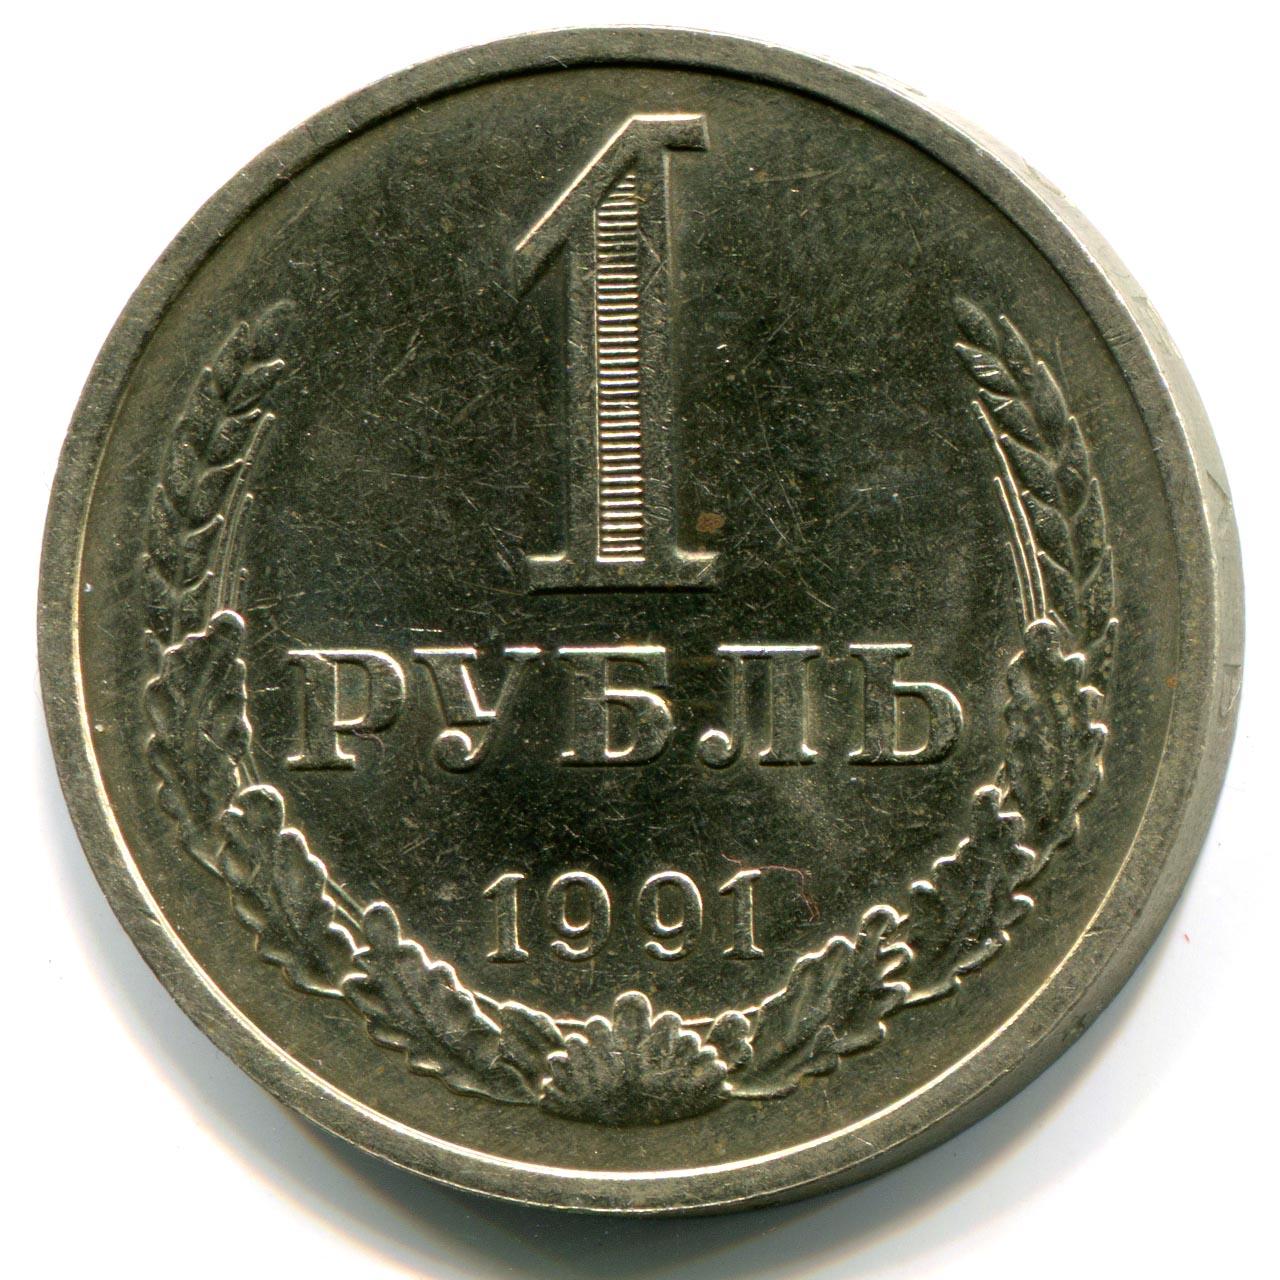 Стоимость 1 рубль 1991 окисление монеты